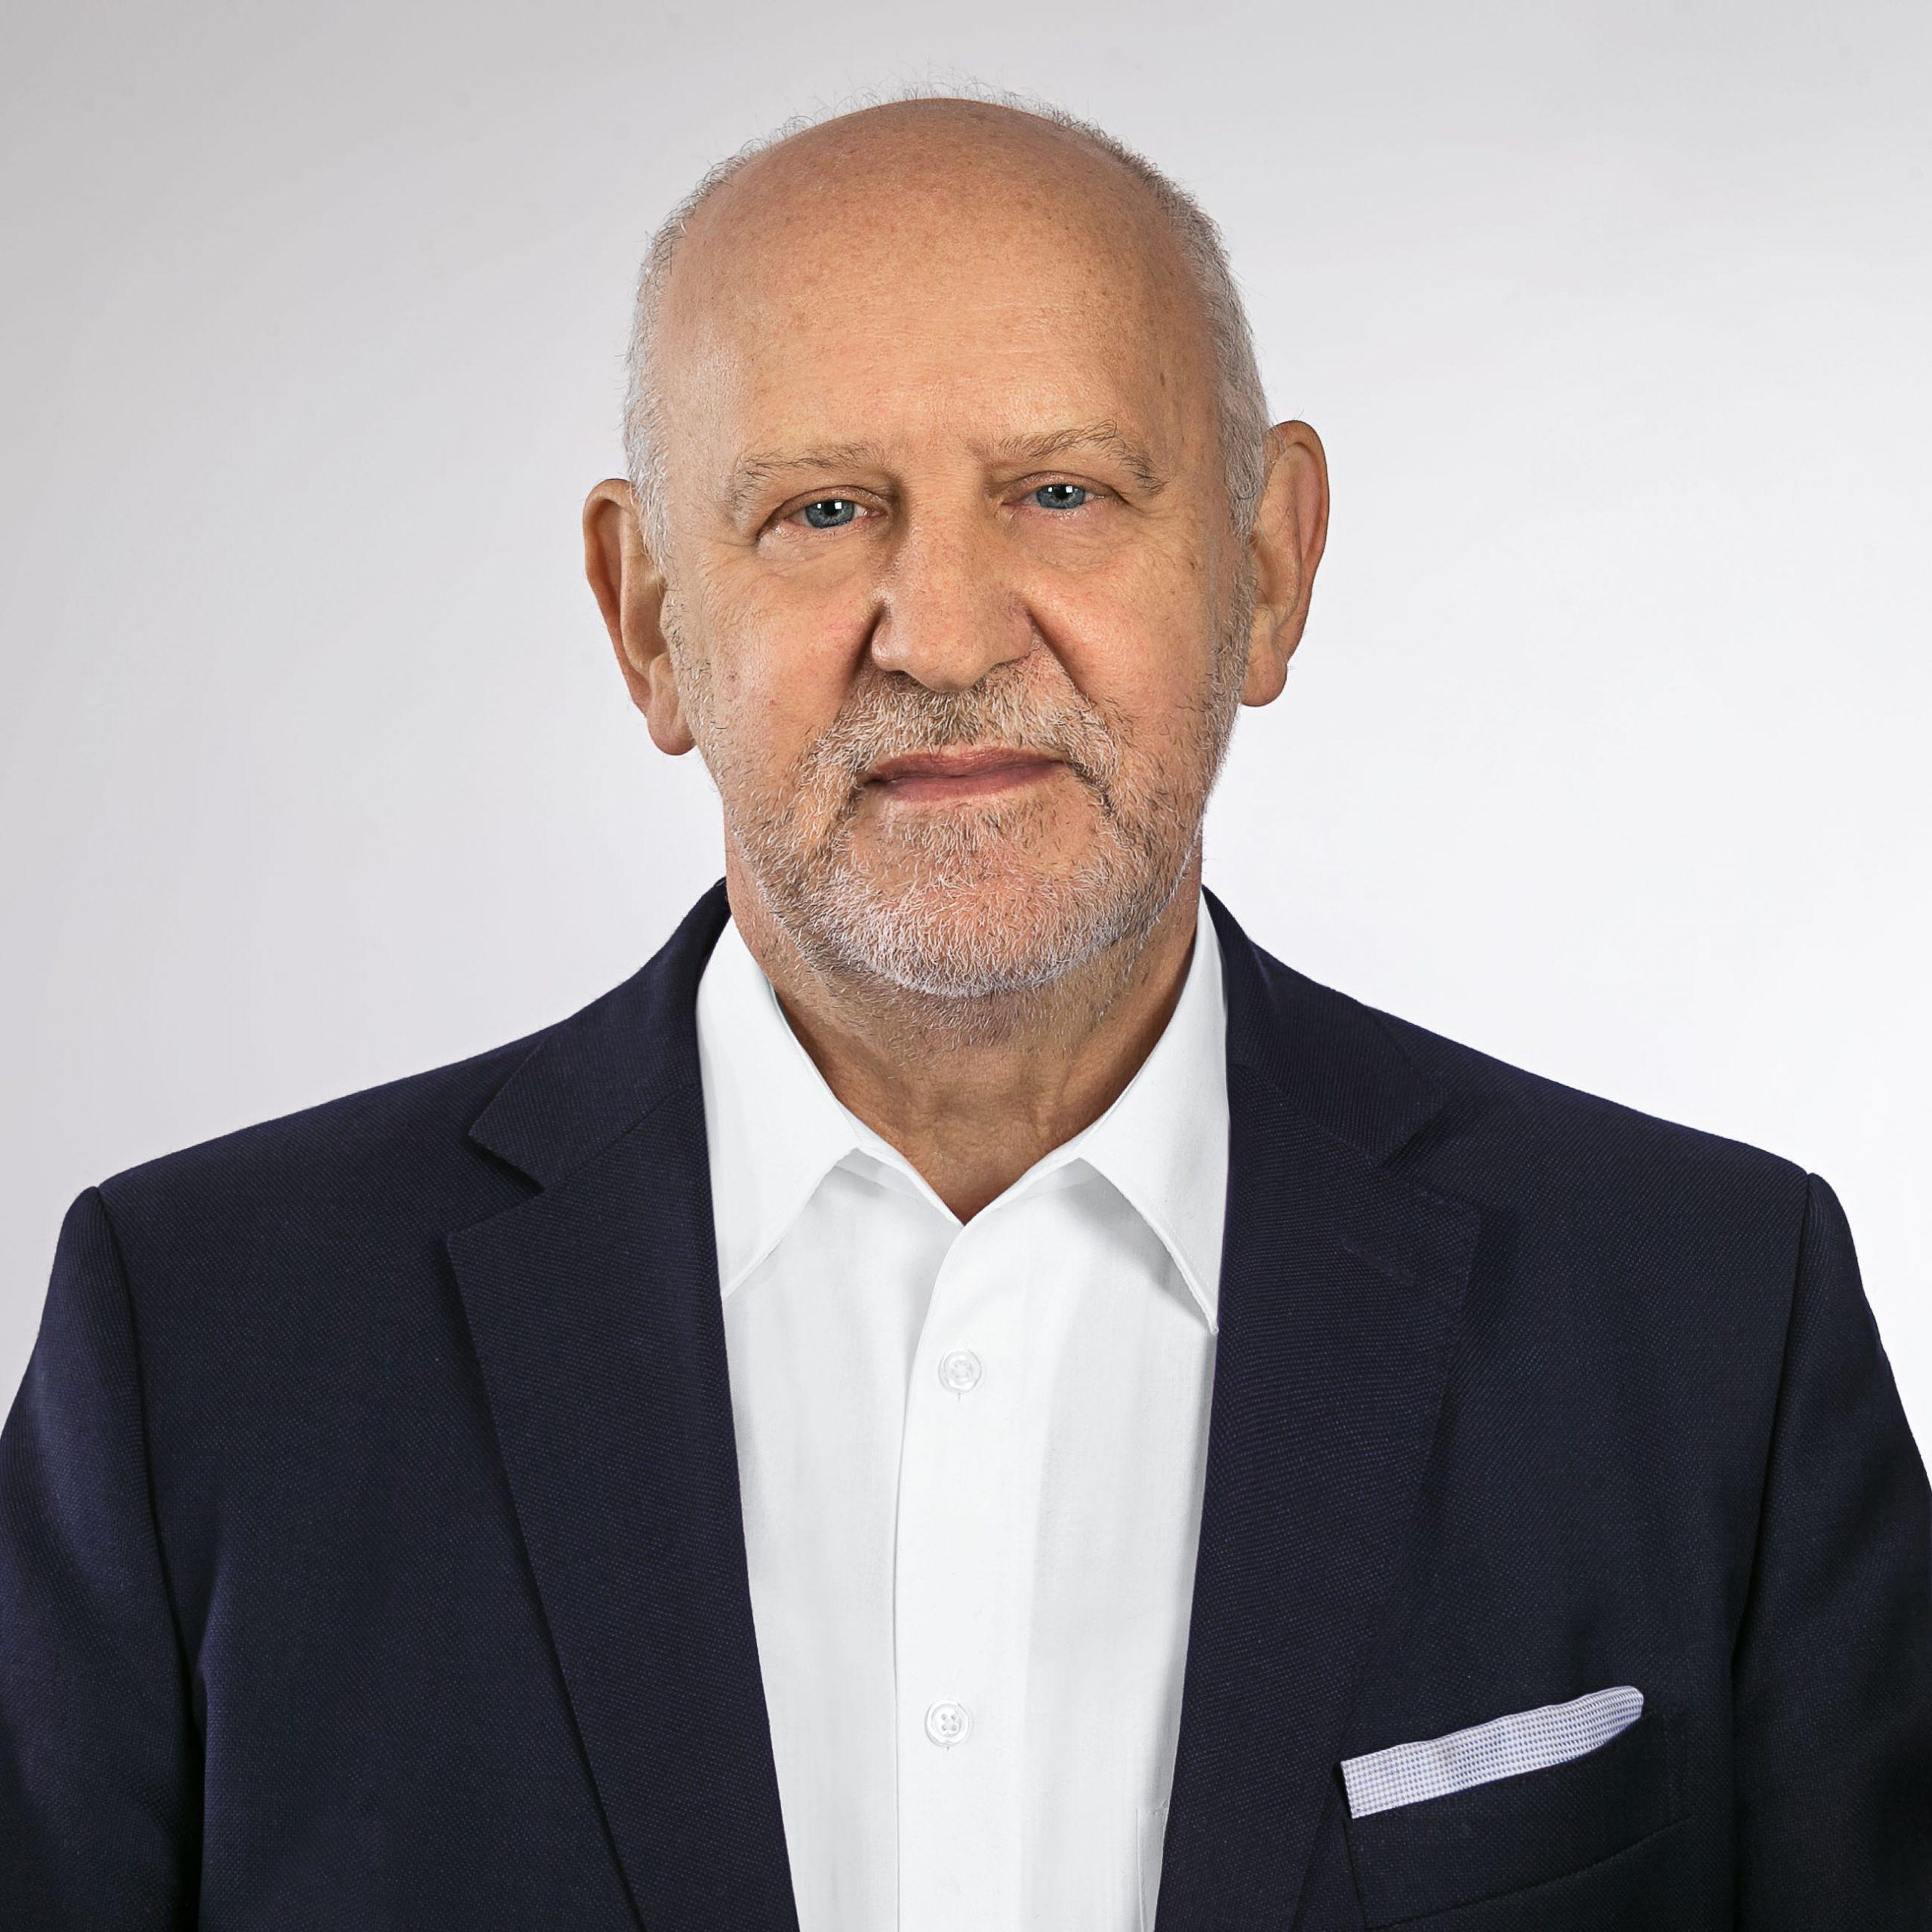 Jürgen Gerhartz